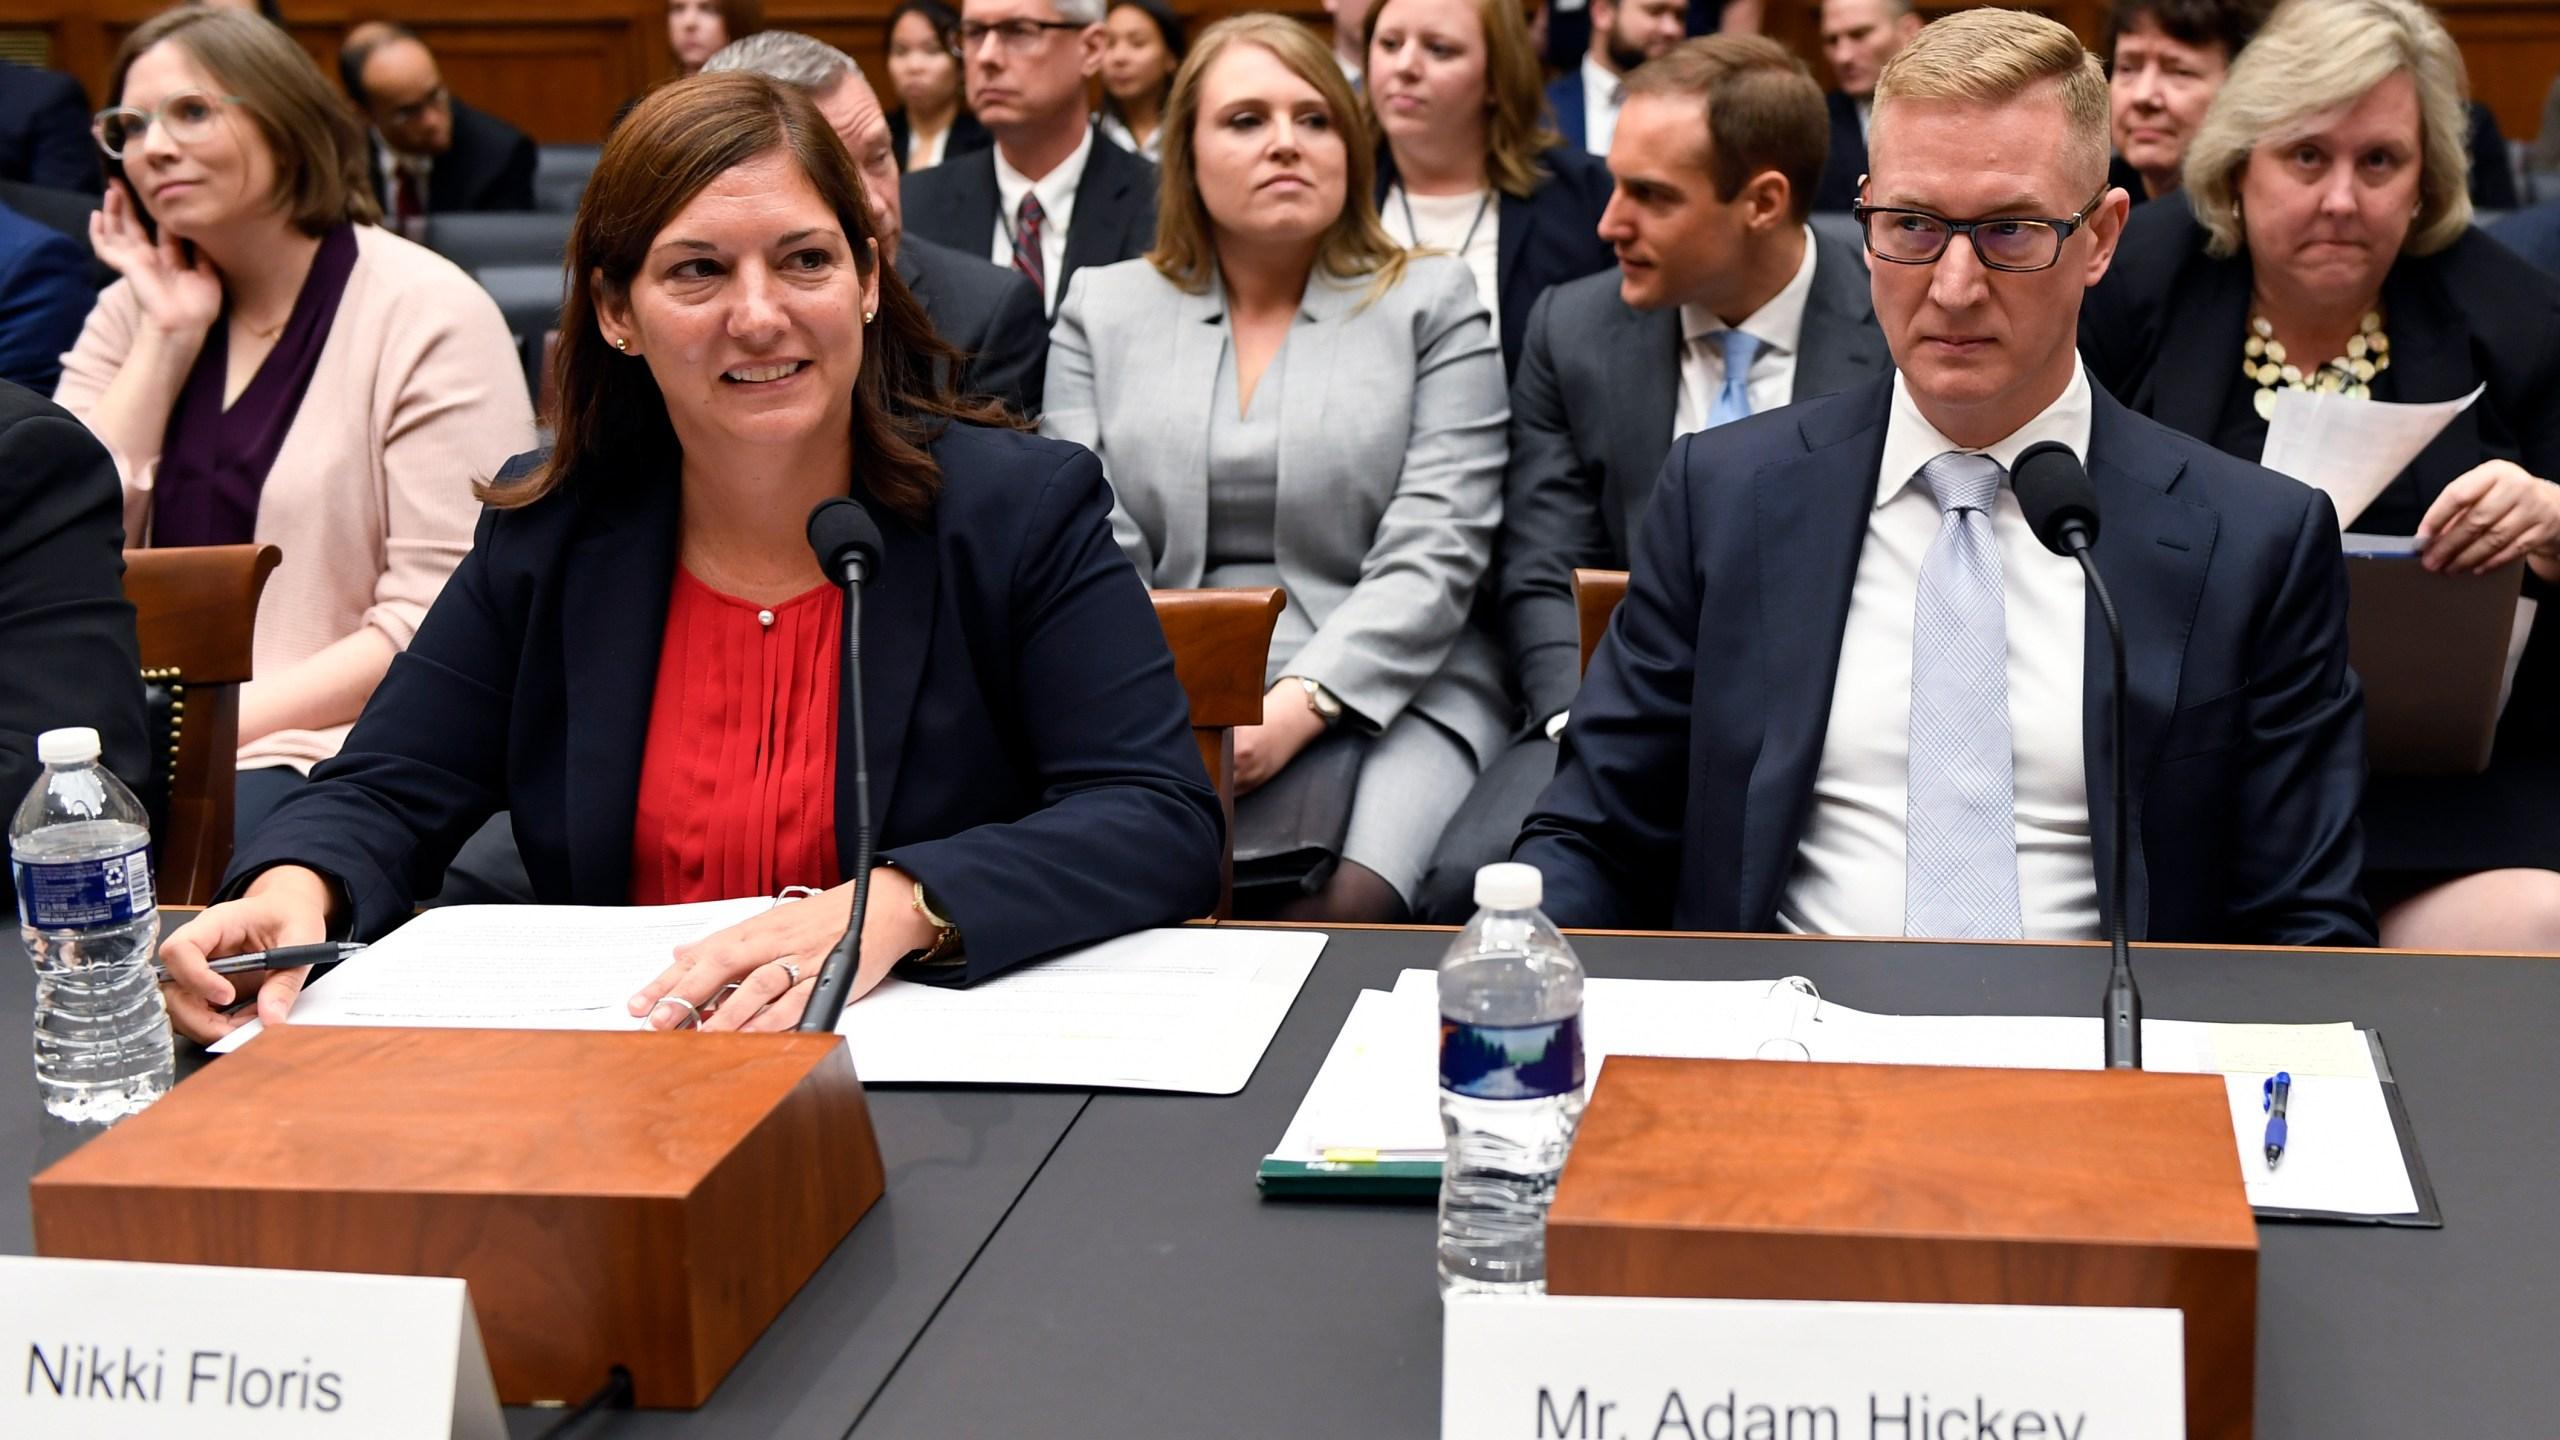 Nikki Floris, Adam Hickey